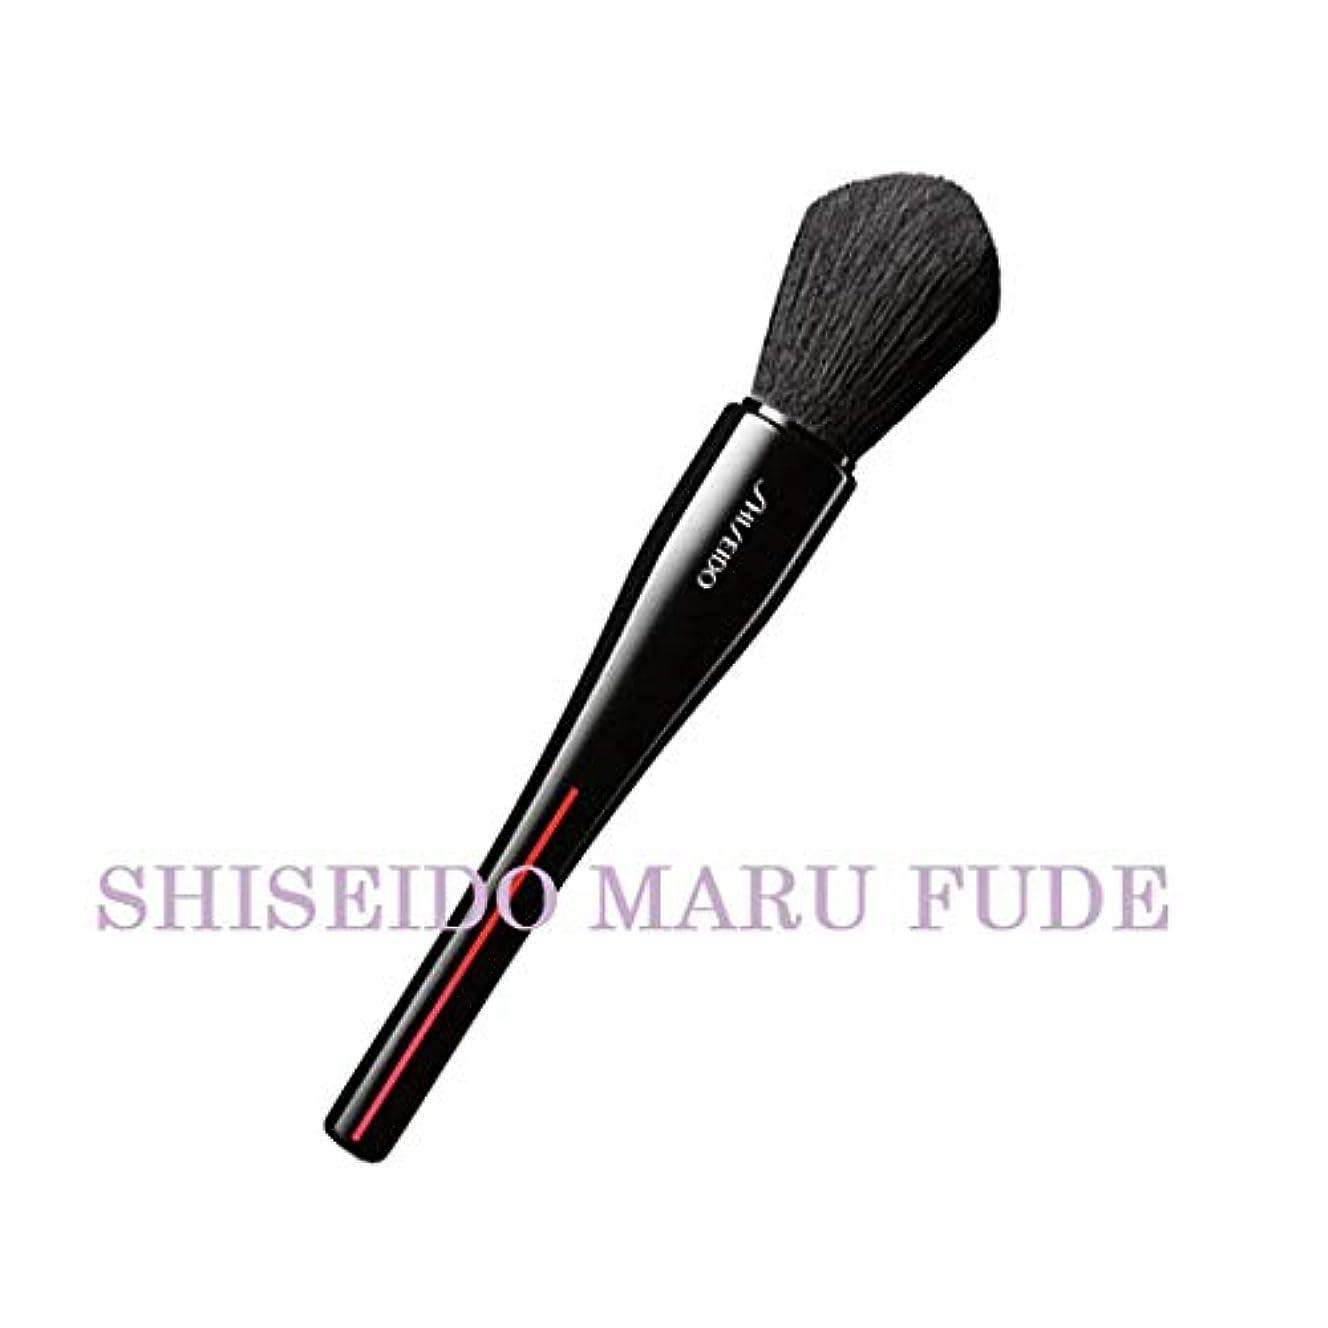 花雄弁深いSHISEIDO Makeup(資生堂 メーキャップ) SHISEIDO(資生堂) SHISEIDO MARU FUDE マルチ フェイスブラシ